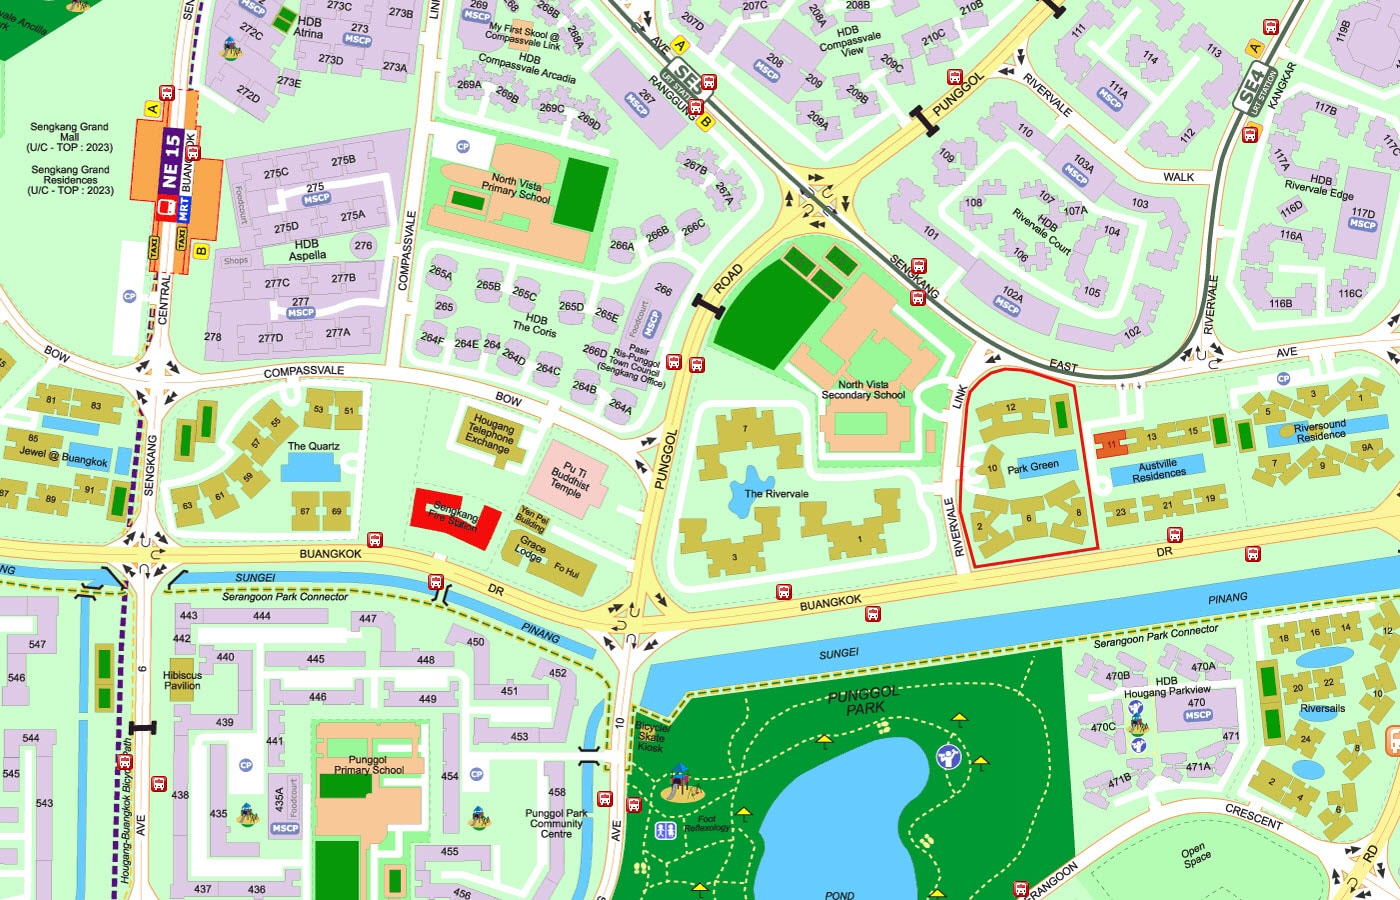 Park Green EC Street Directory Map